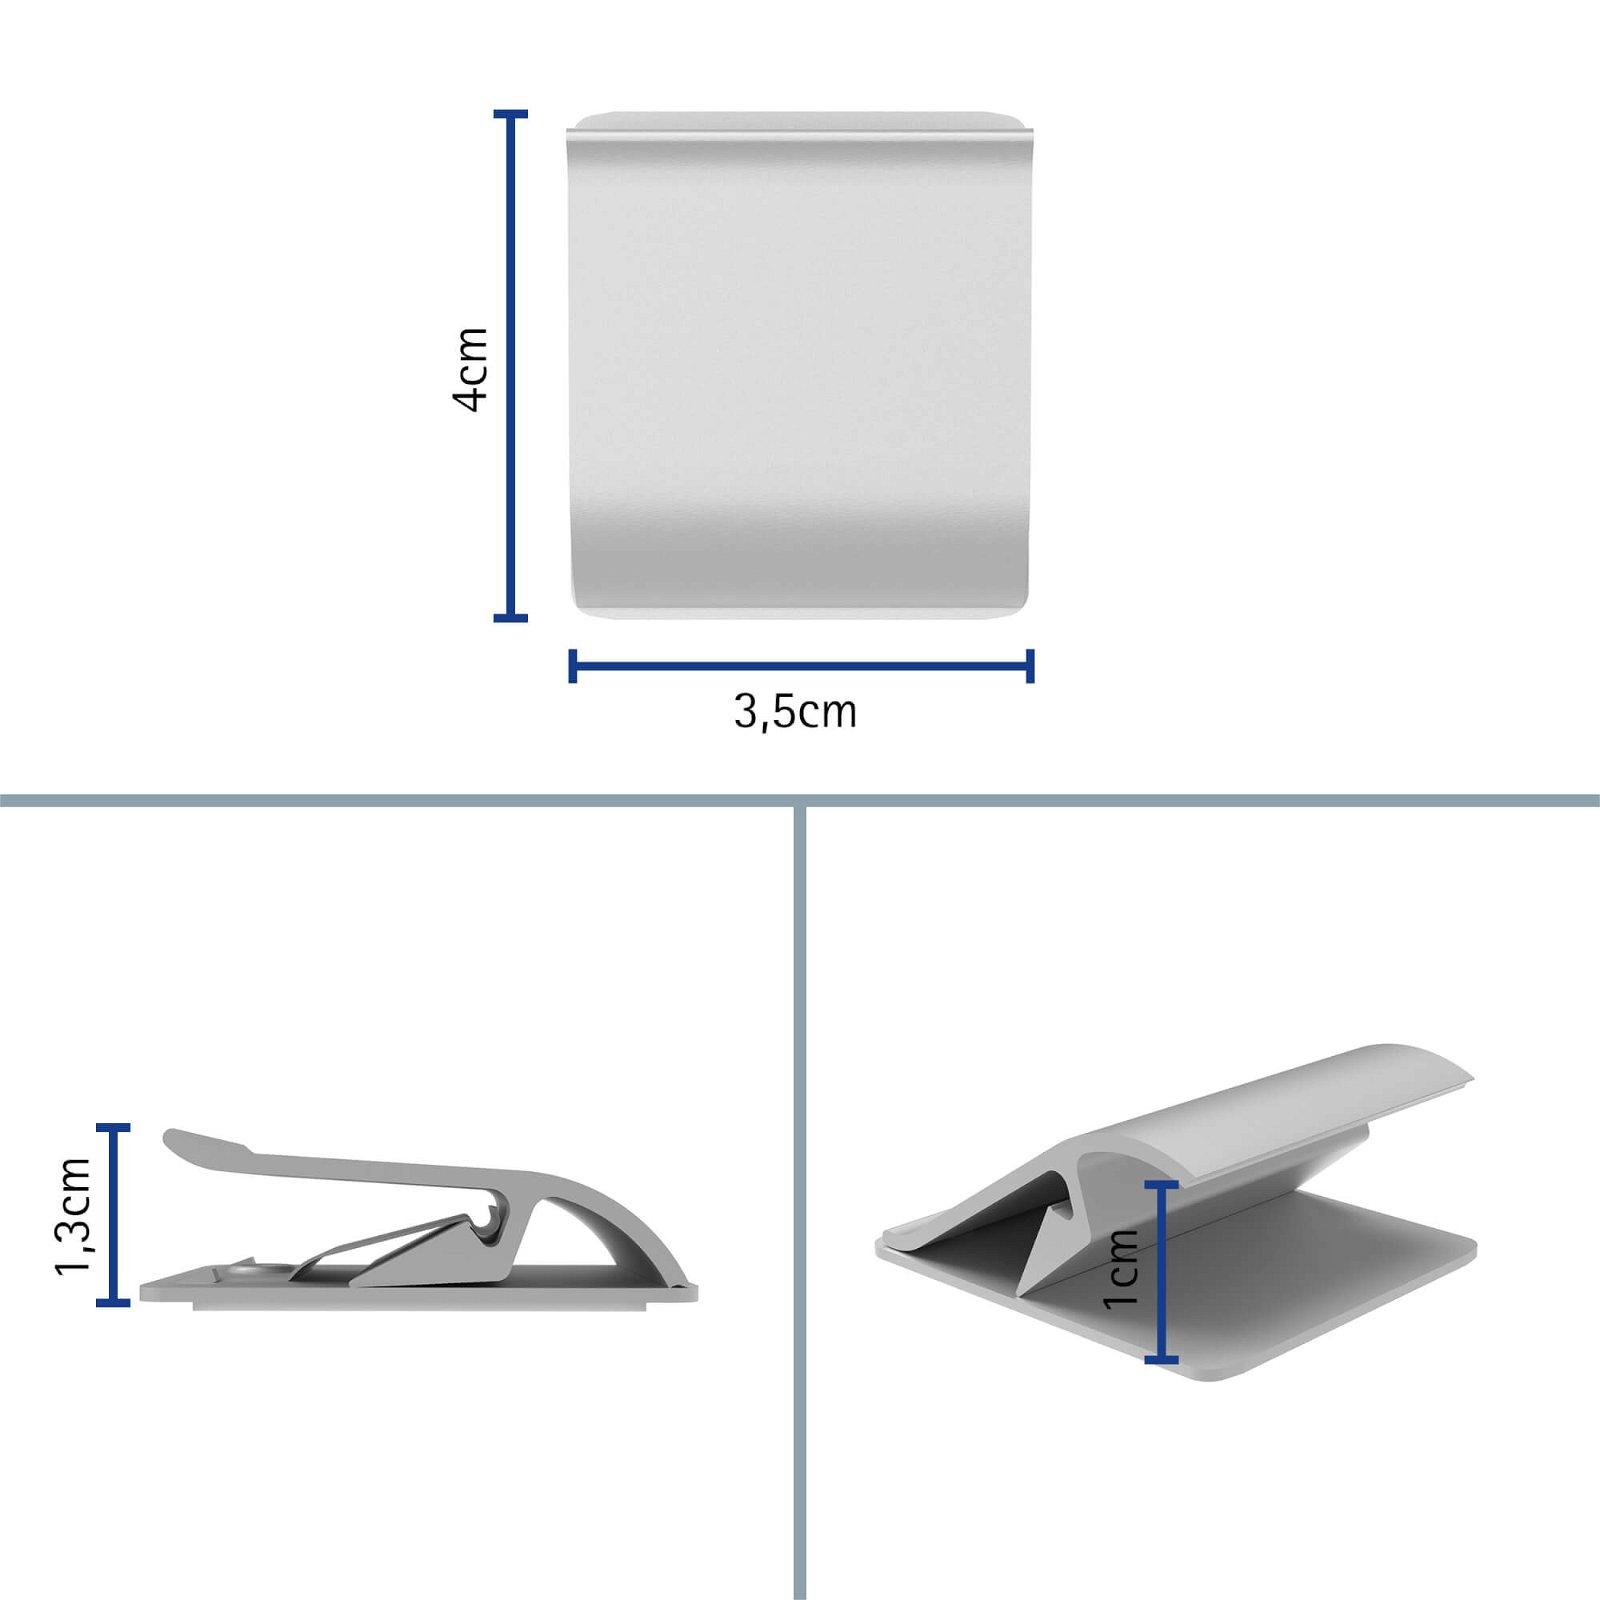 Klemmleiste Aluminium, Länge 3,5 cm, aluminium